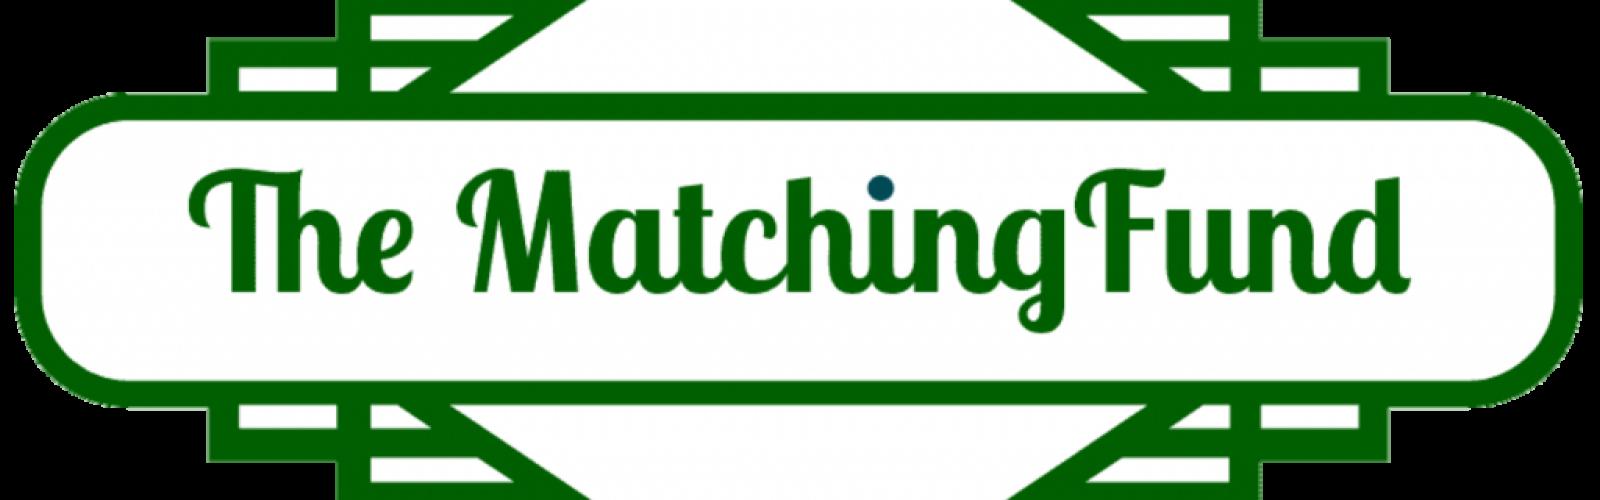 The MatchingFund